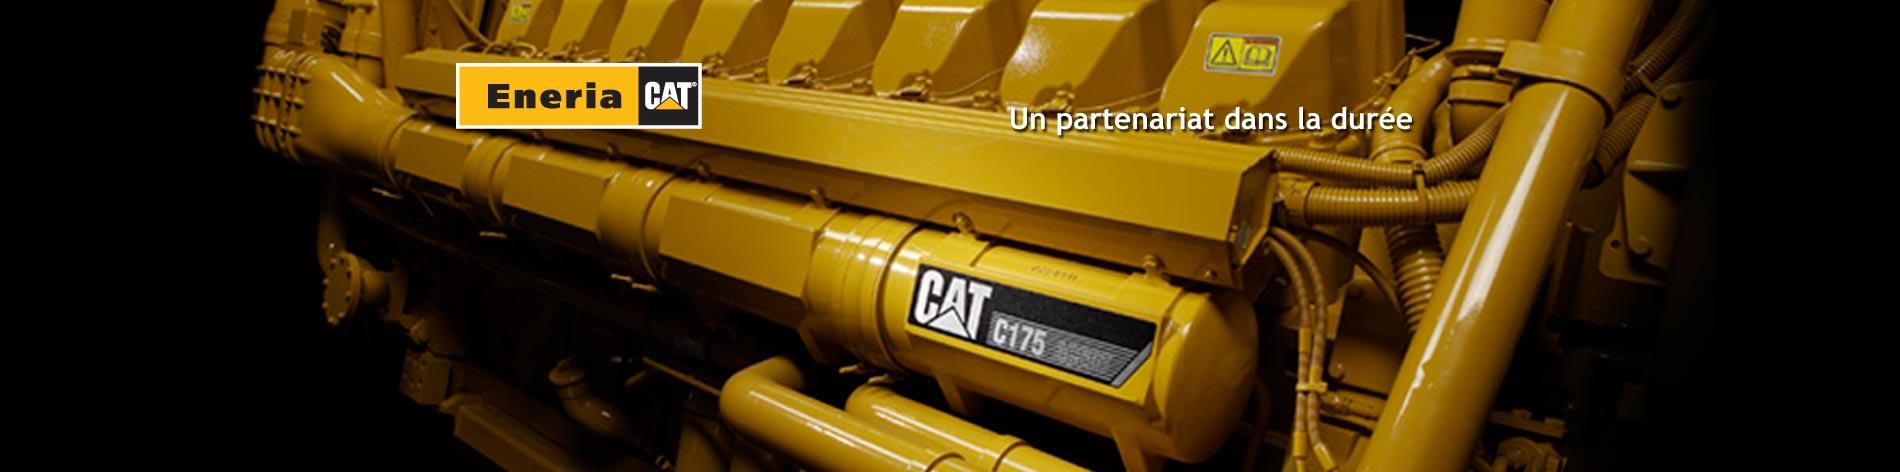 Concessionnaire exclusif de Caterpillar dans plusieurs pays notamment l'Algérie, nous assurons la vente, l'entretien et la maintenance des groupes électrogènes, onduleurs et moteurs